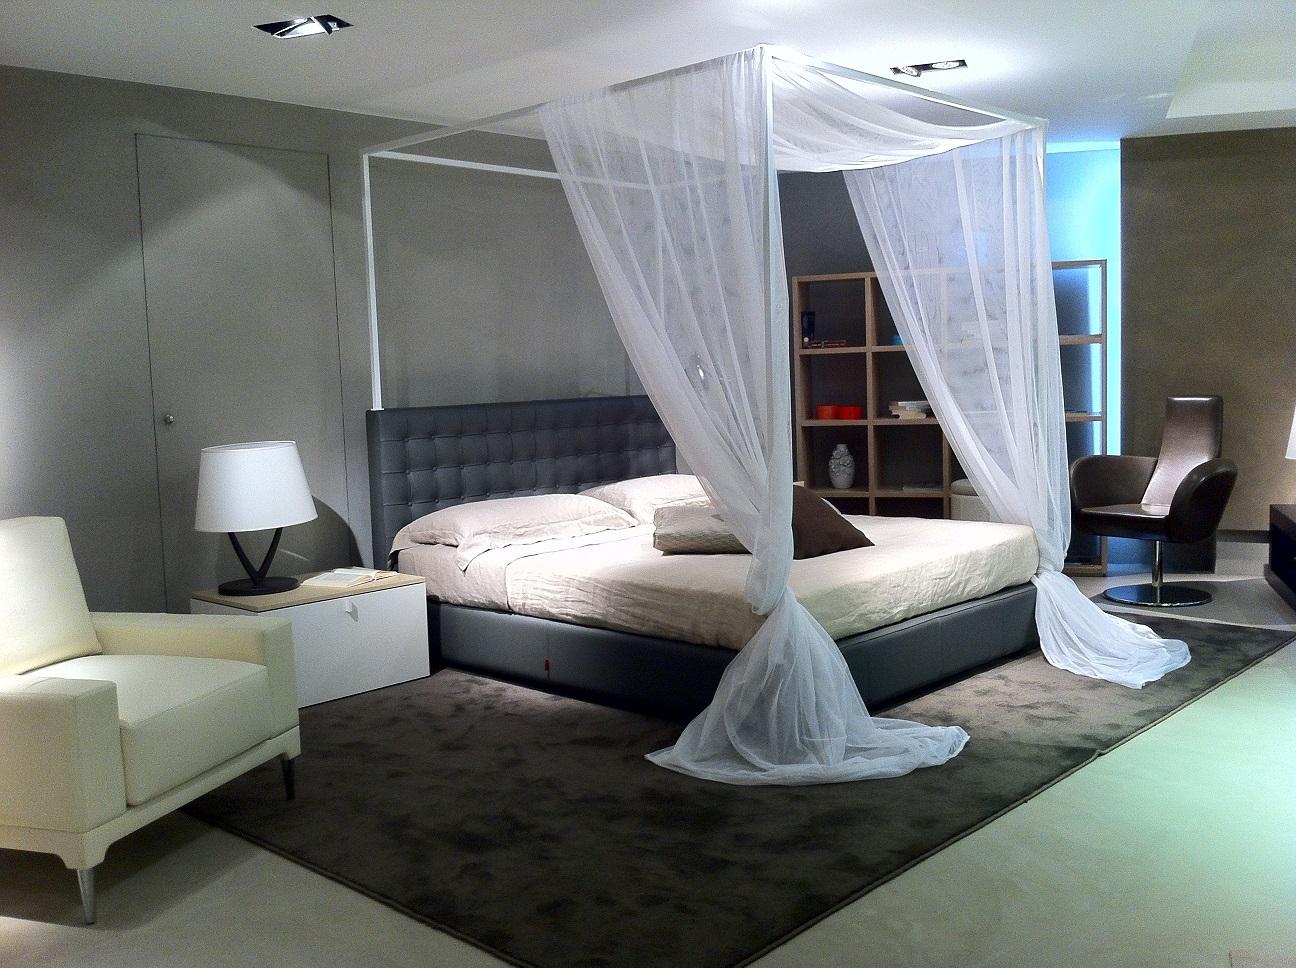 Letto Matrimoniale A Baldacchino - Idee Per La Casa - Douglasfalls.com